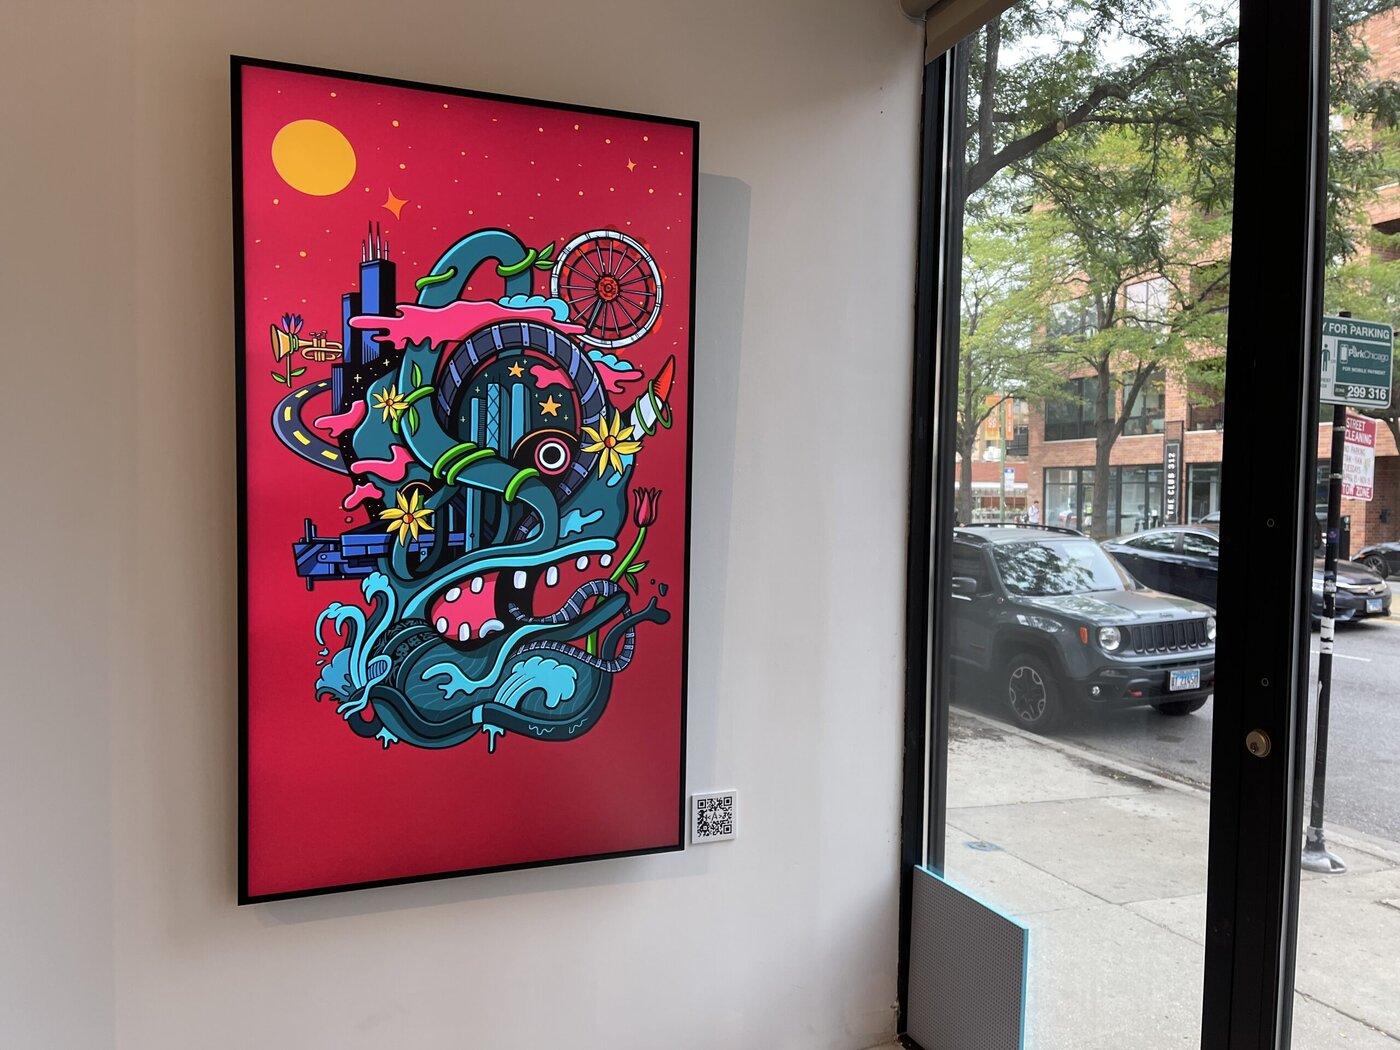 Chicago's imnotArt NFT gallery